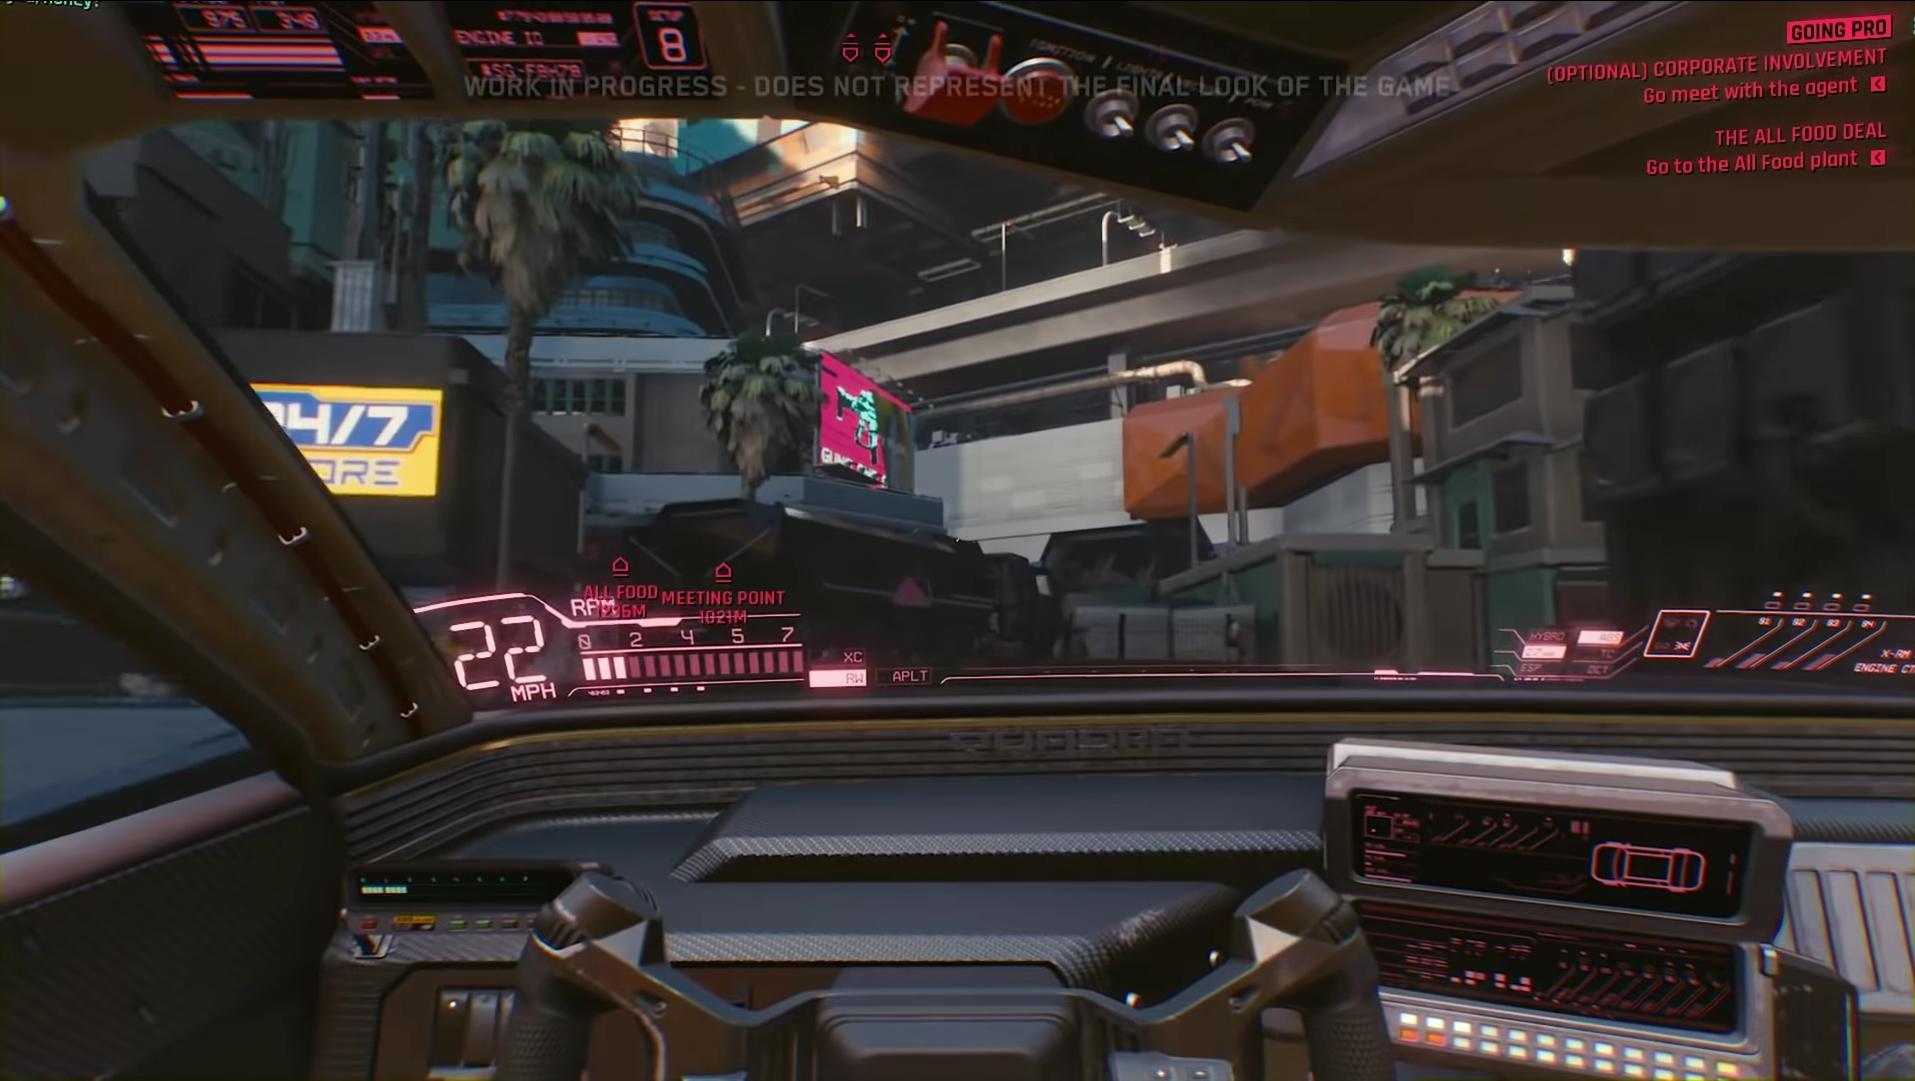 Cyberpunk 2077: All We Know So Far - Cyberpunk 2077 mod